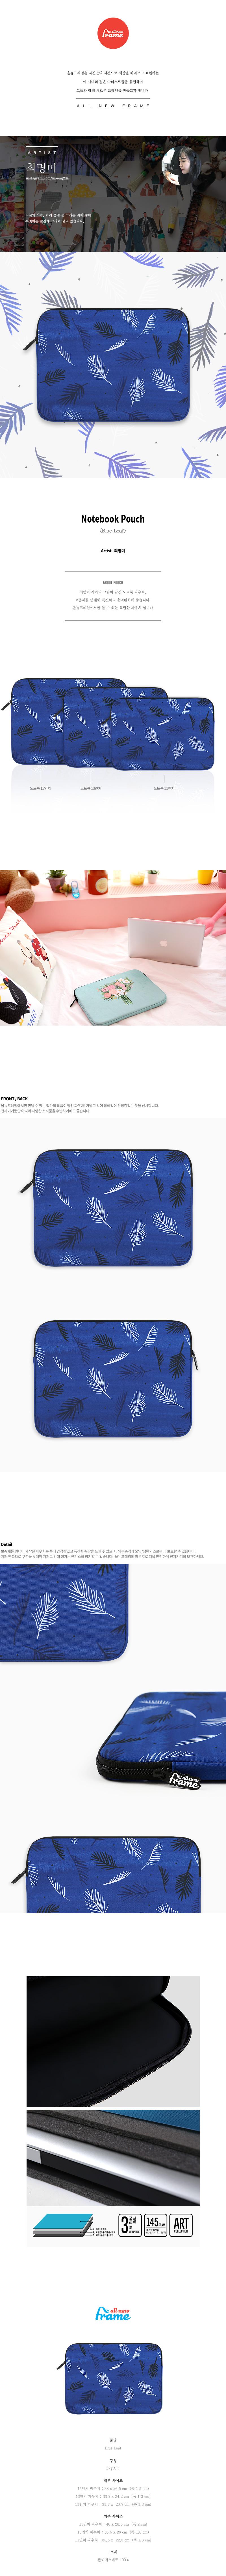 (11-13-15형) Blue Leaf20,000원-올뉴프레임디지털, 노트북가방/파우치류, 노트북 케이스/파우치, 27.94cm~33.78cm바보사랑(11-13-15형) Blue Leaf20,000원-올뉴프레임디지털, 노트북가방/파우치류, 노트북 케이스/파우치, 27.94cm~33.78cm바보사랑